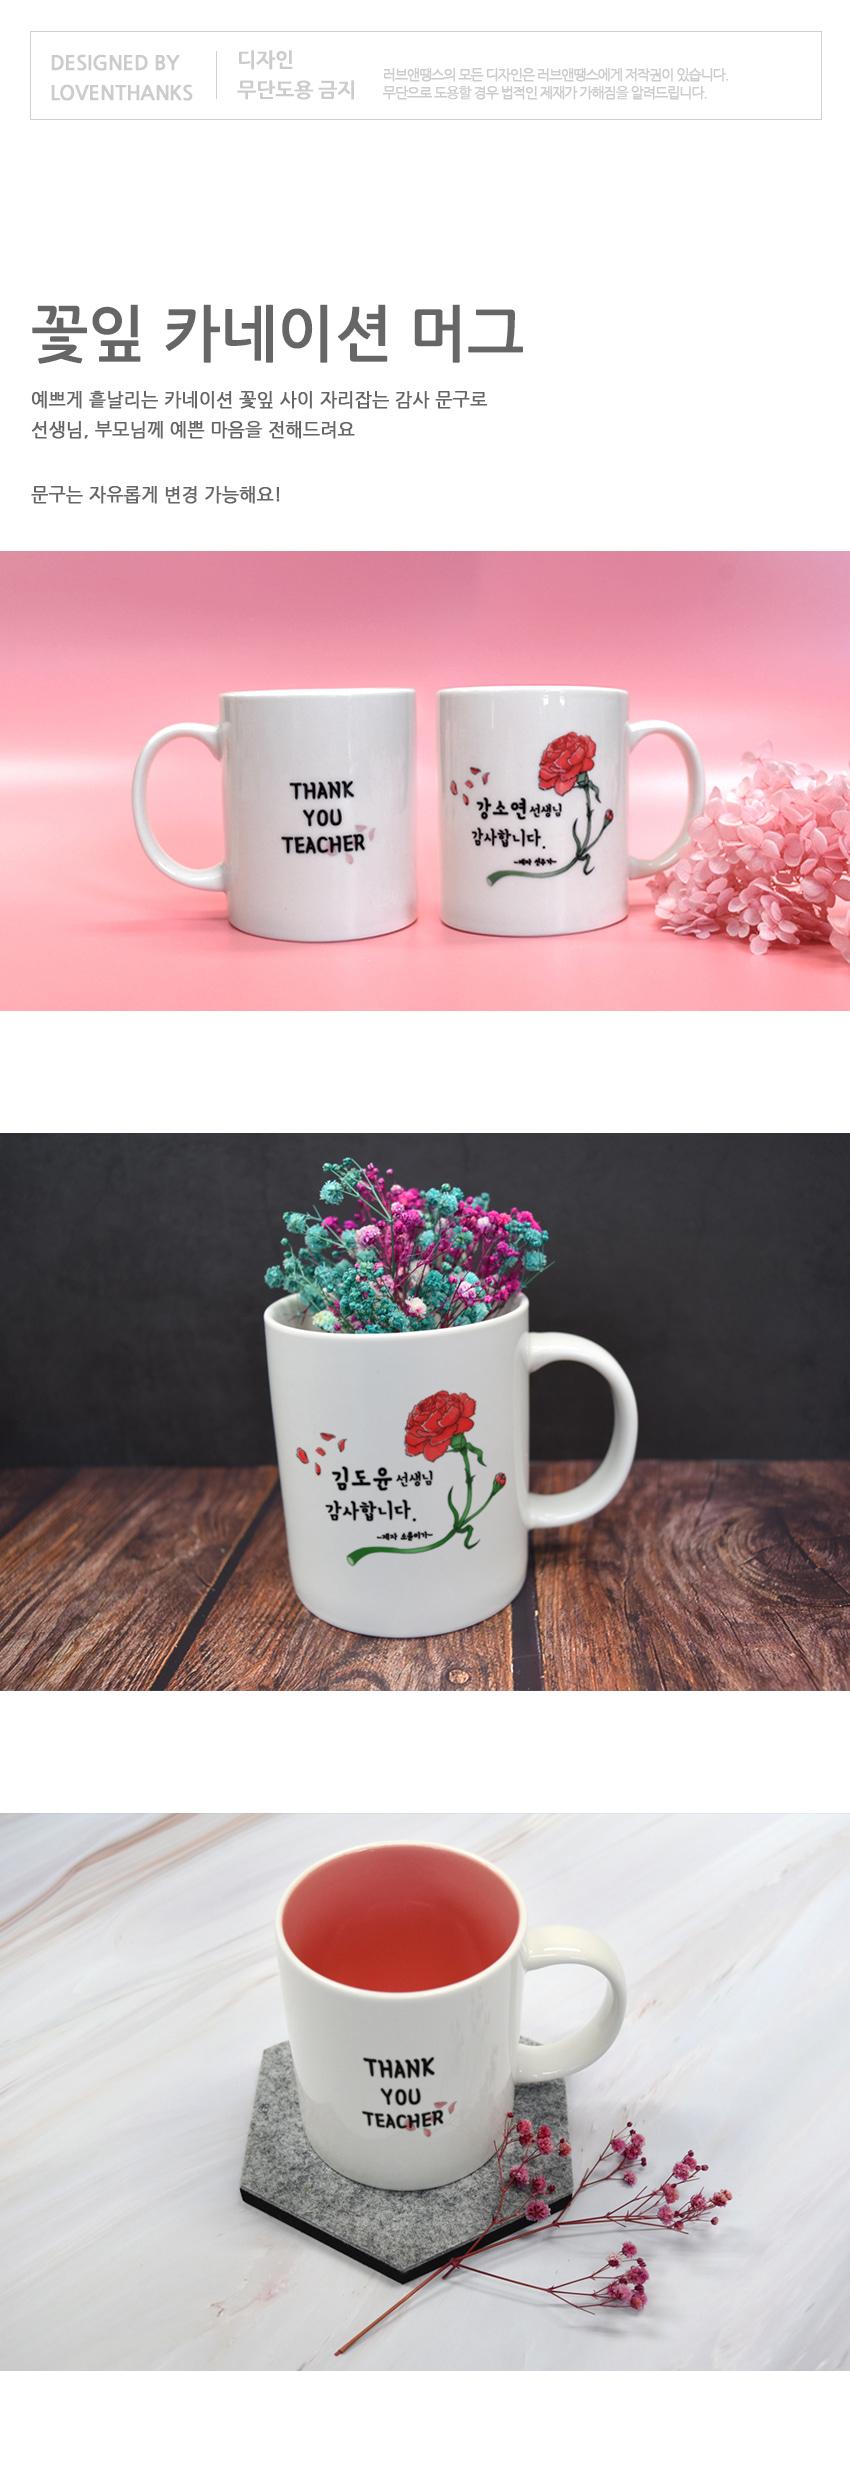 -꽃잎 카네이션 머그컵- 어버이날선물 스승의날선물 추천 - 러브앤땡스, 12,000원, 머그컵, 주문제작머그